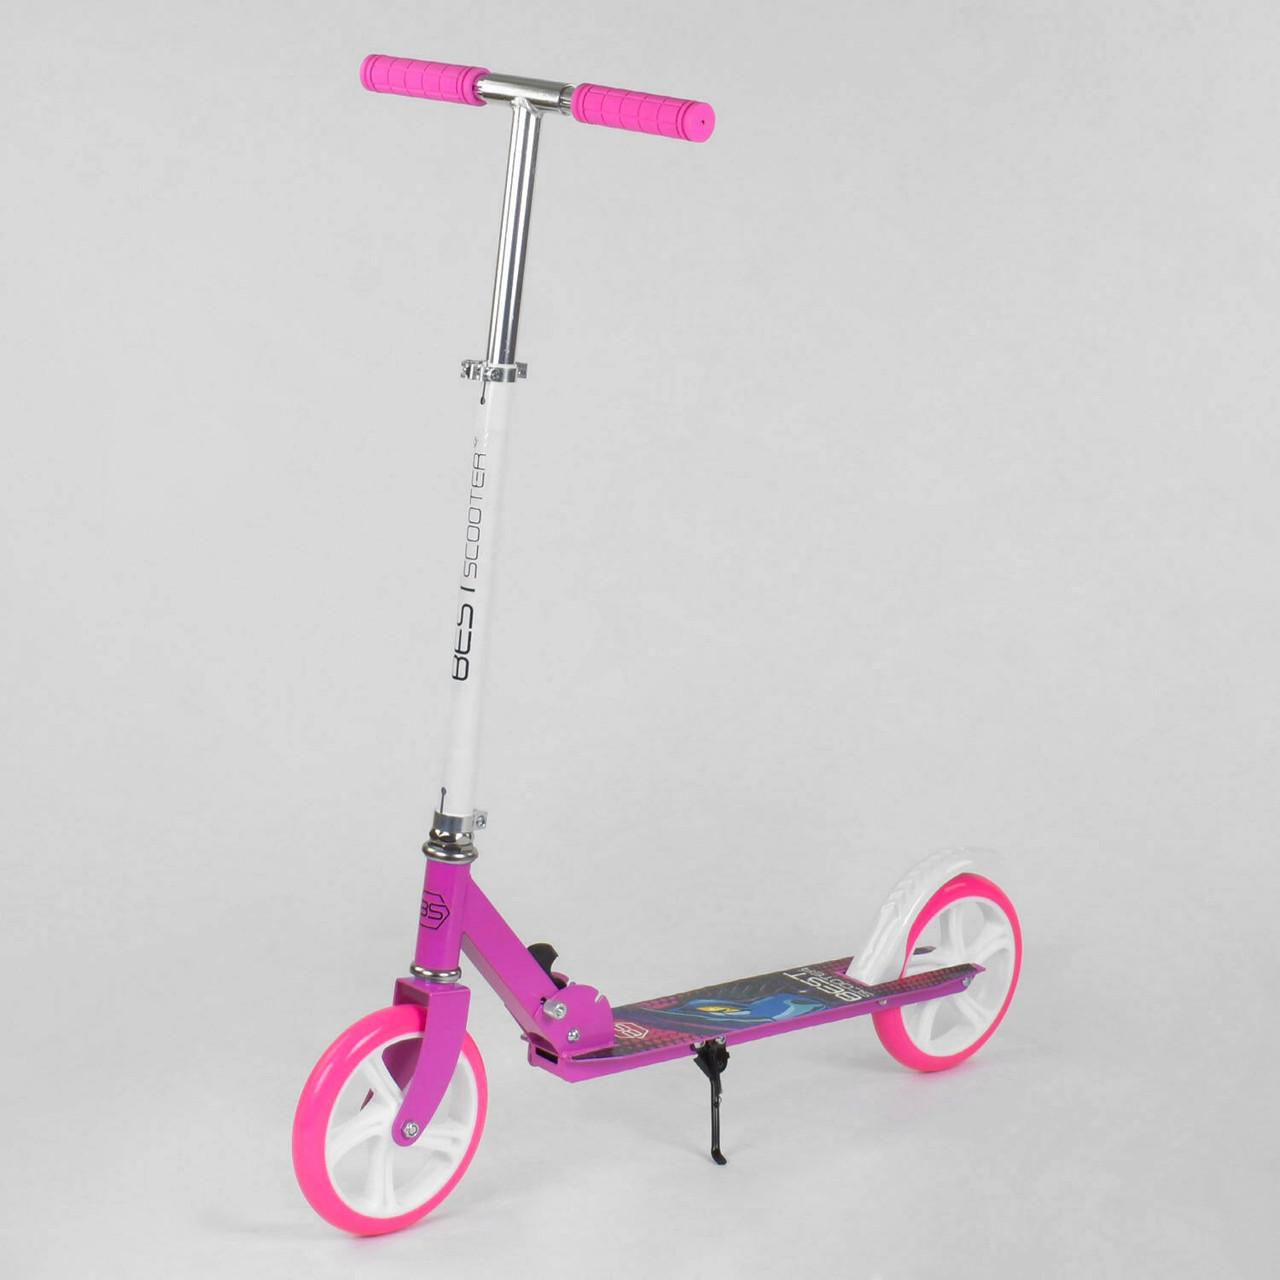 Самокат двухколесный Best Scooter 54701 Розовый с белым, колеса PU, d=20см